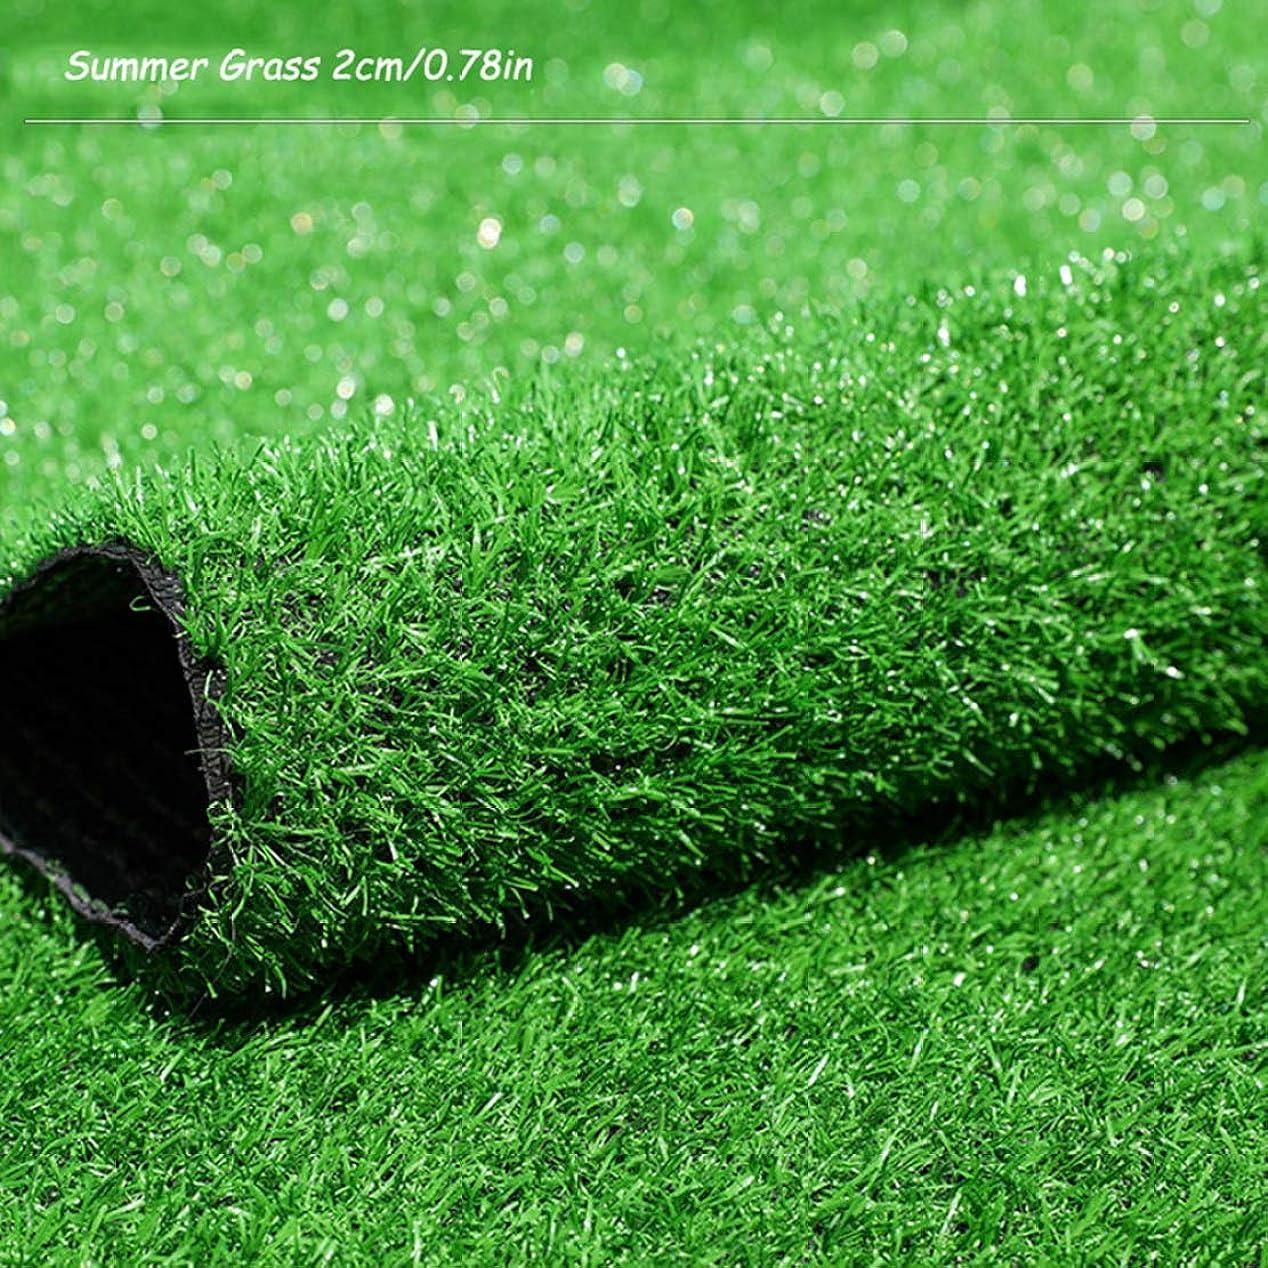 抵抗する願望ボックスJLDN 人工芝カーペット、人工フェイクグラスカーペット ドレン穴付き ラバーバッキング 屋外の庭の装飾 2センチメートル/ 0,78inパイル高さ,Summer Grass_4x2m/12x6ft